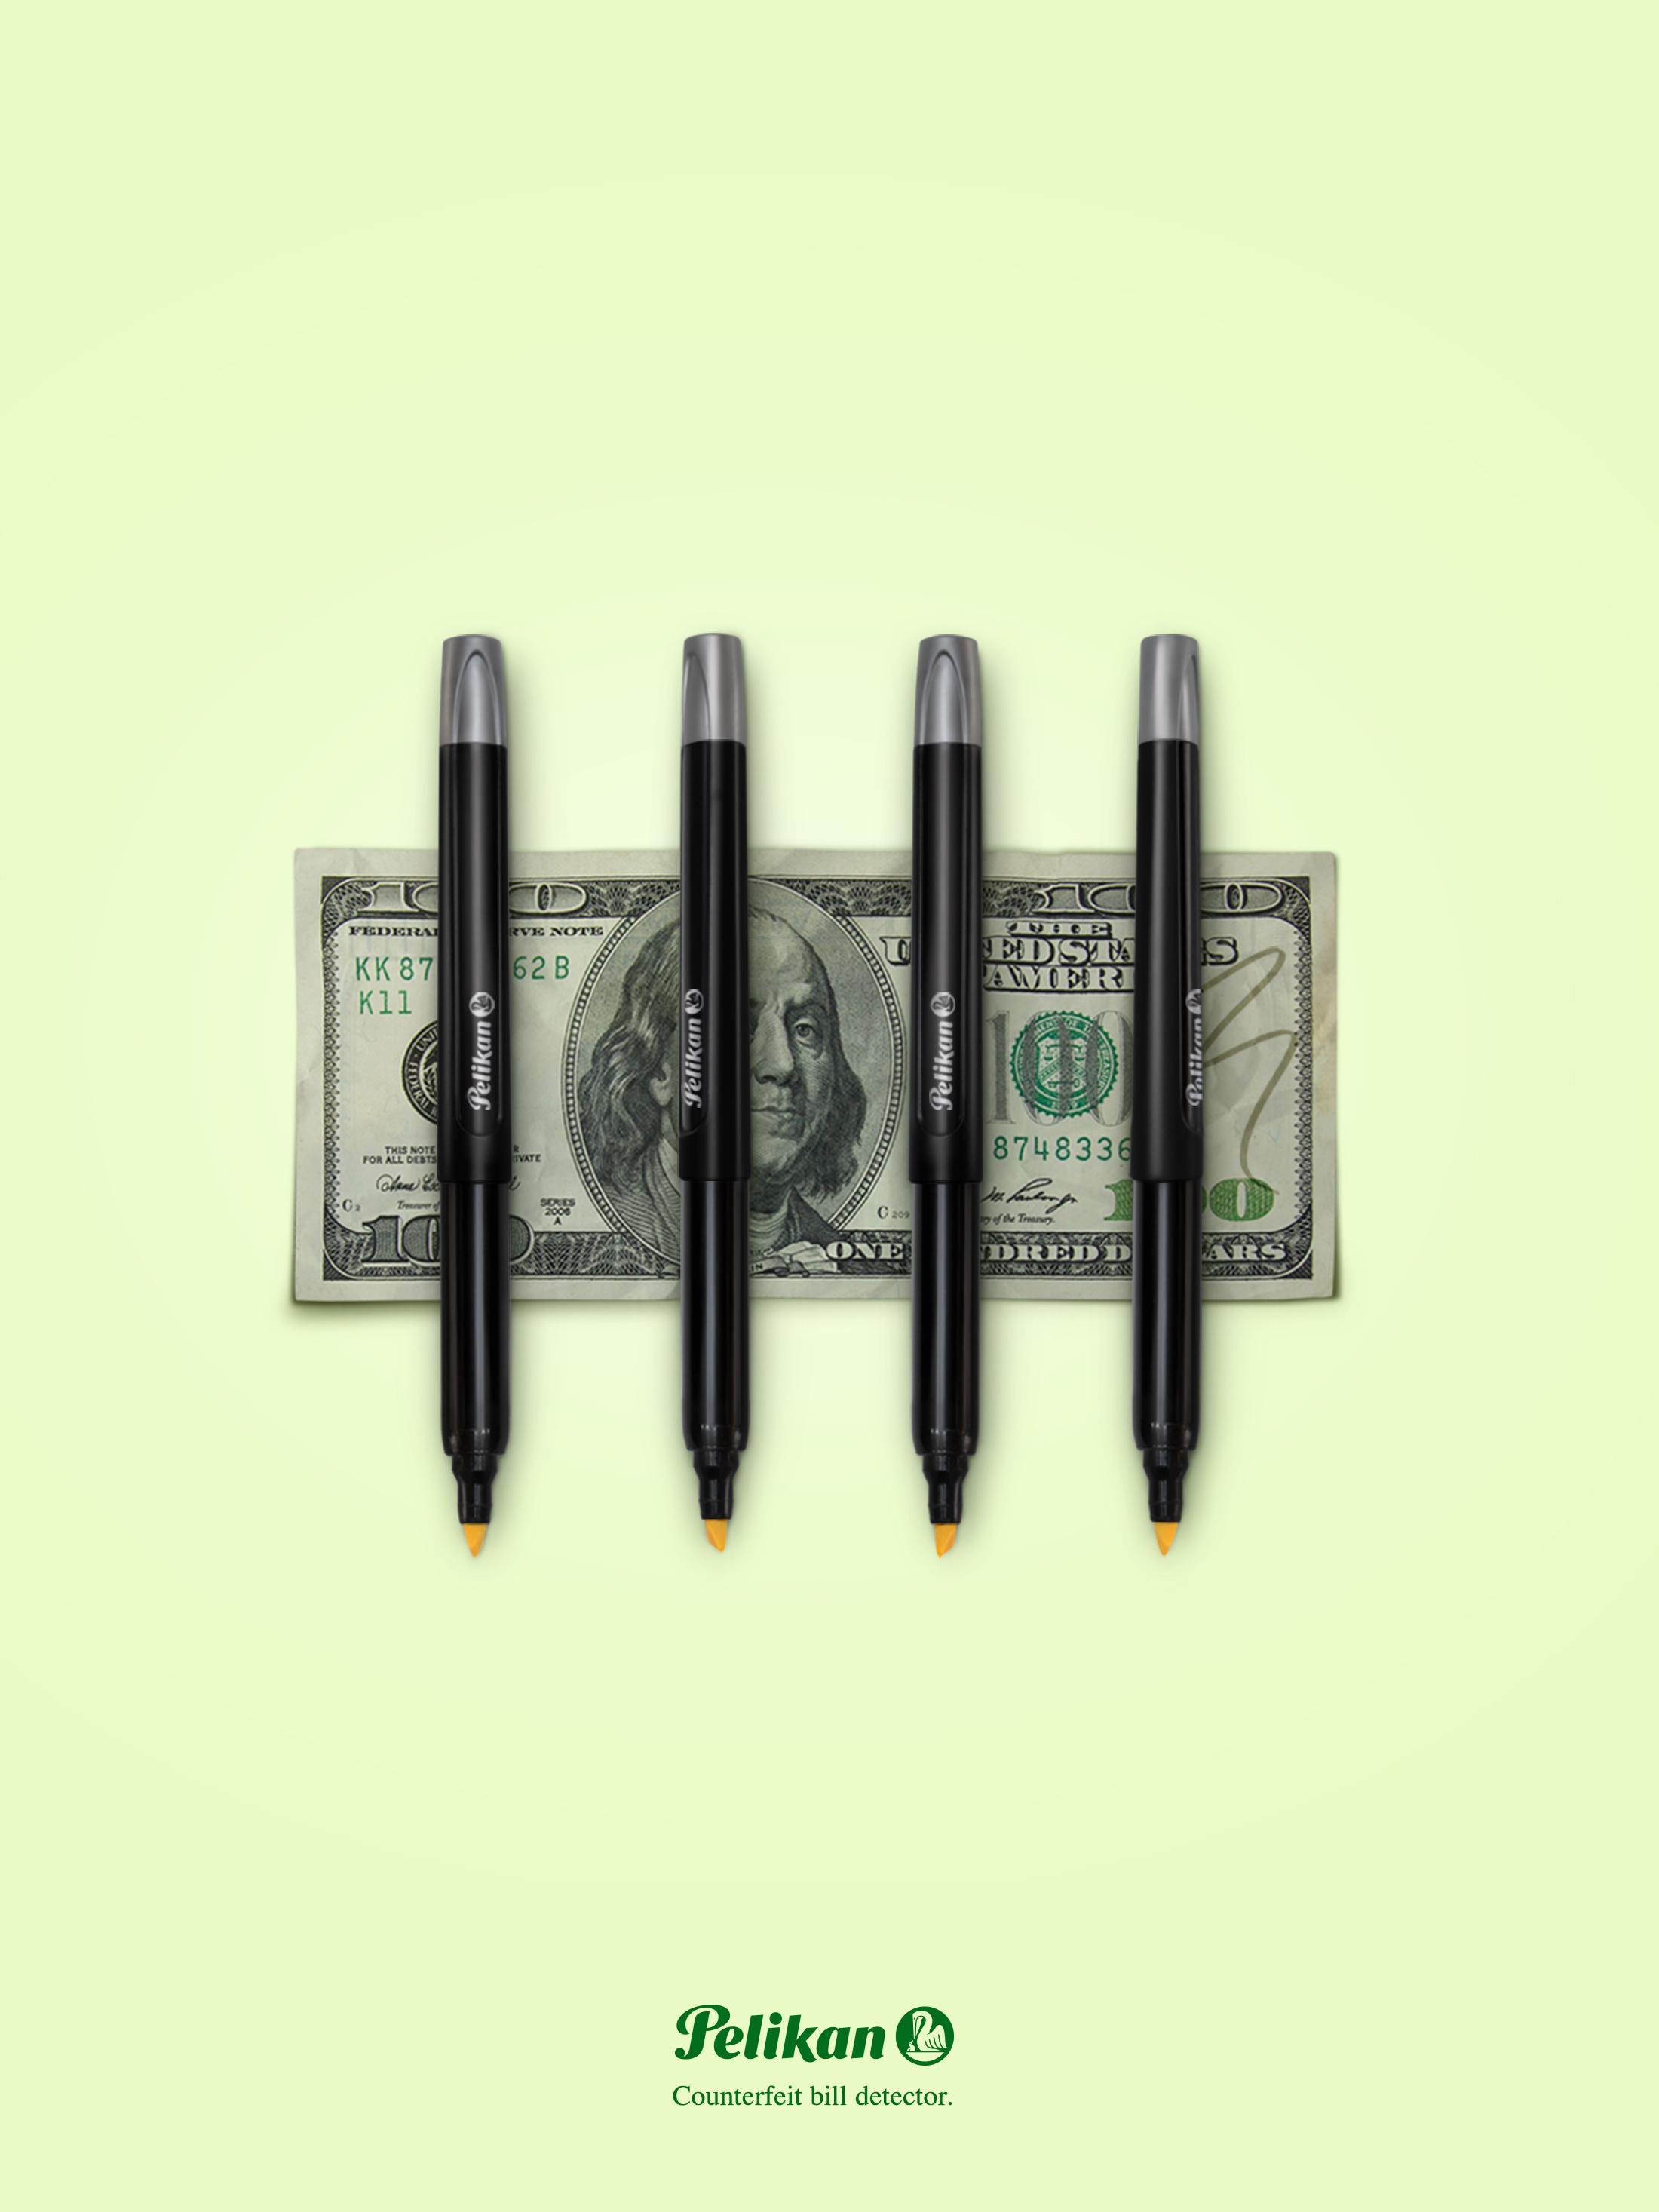 Pelikan Print Ad - Bills detector - Dollar